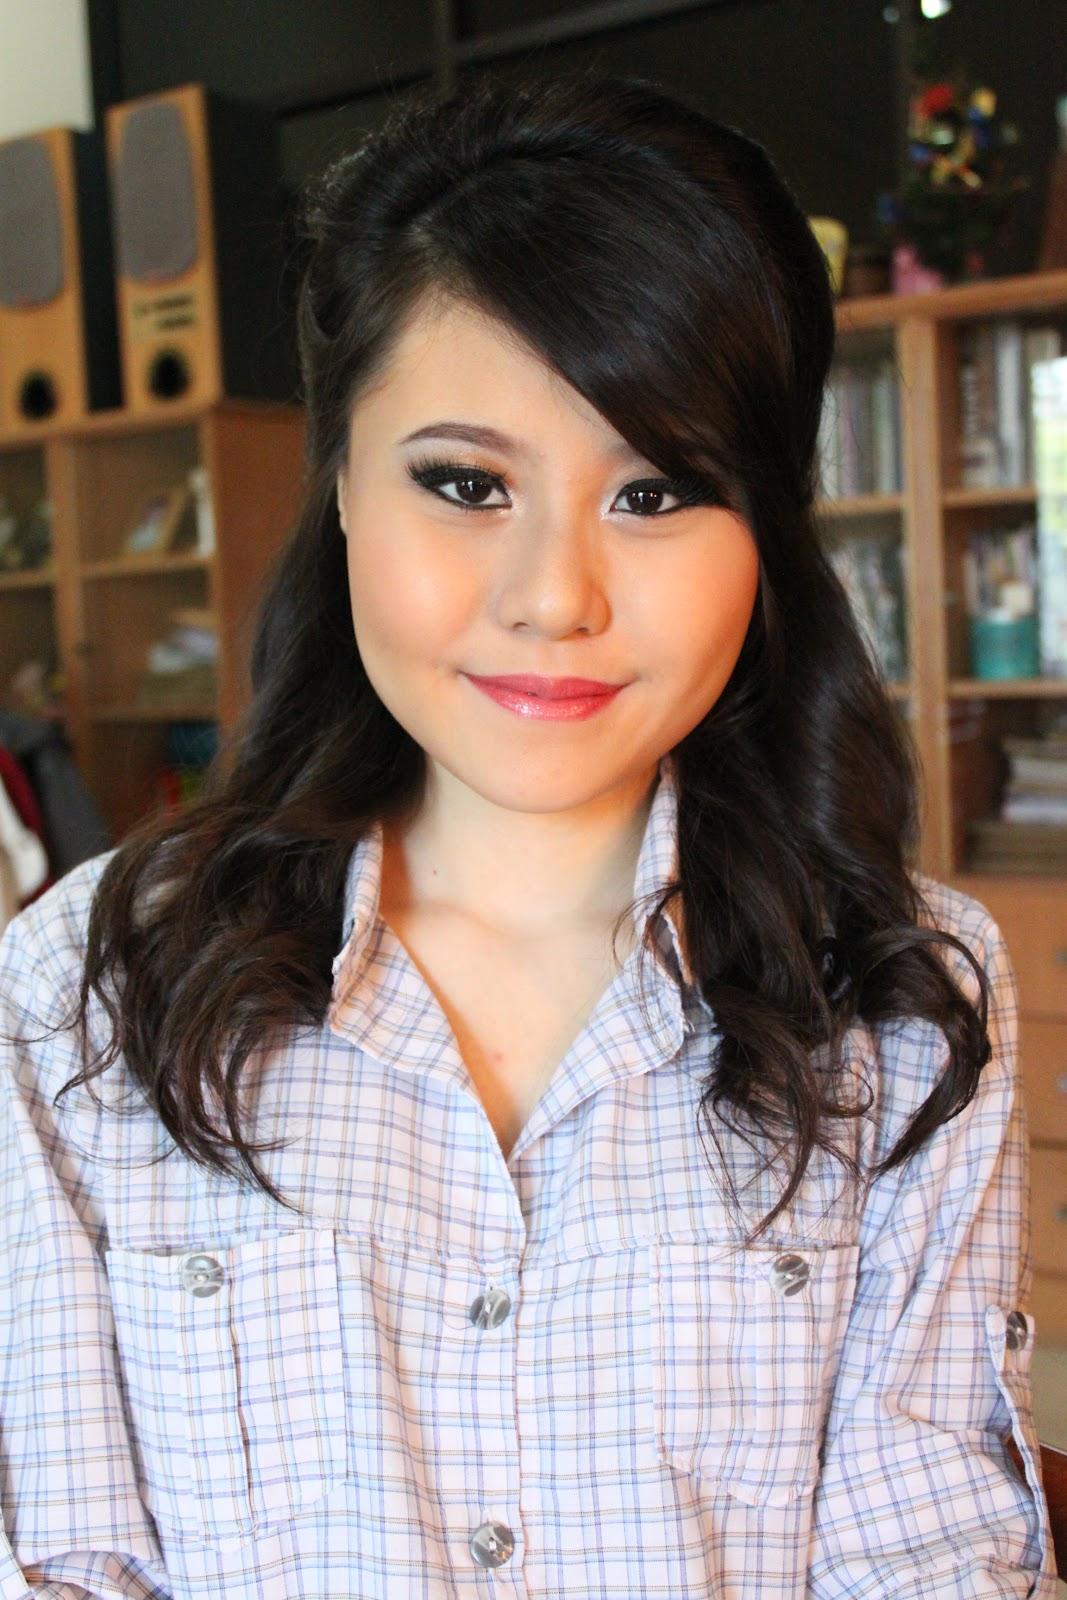 Am Katarina Model claudia setiawan: katarina makeup for party